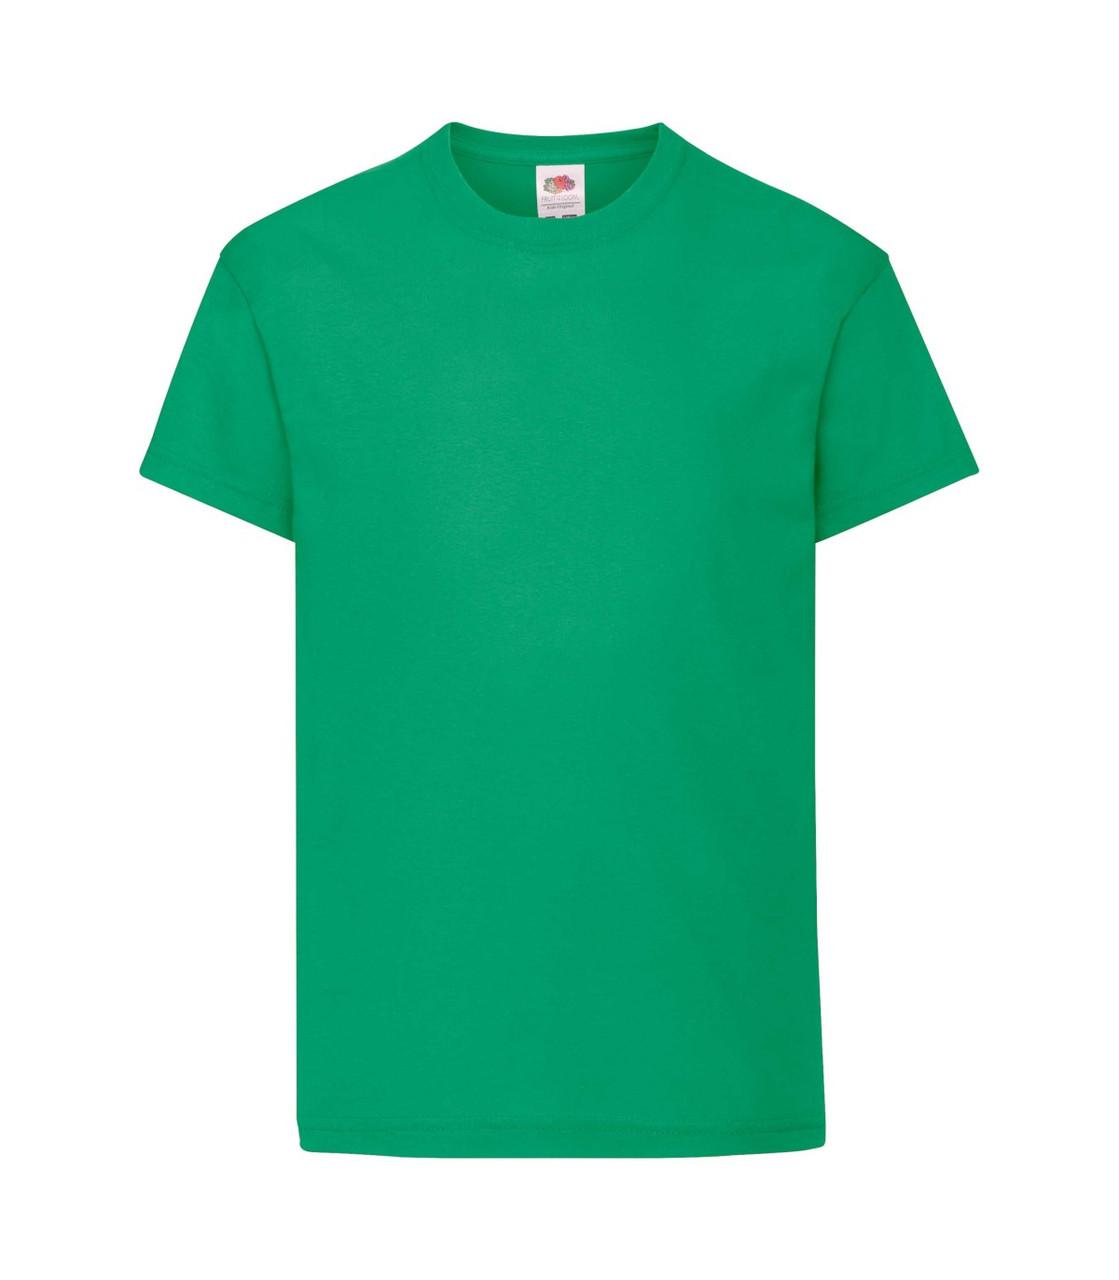 Футболка для мальчиков хлопок зеленая 019-47